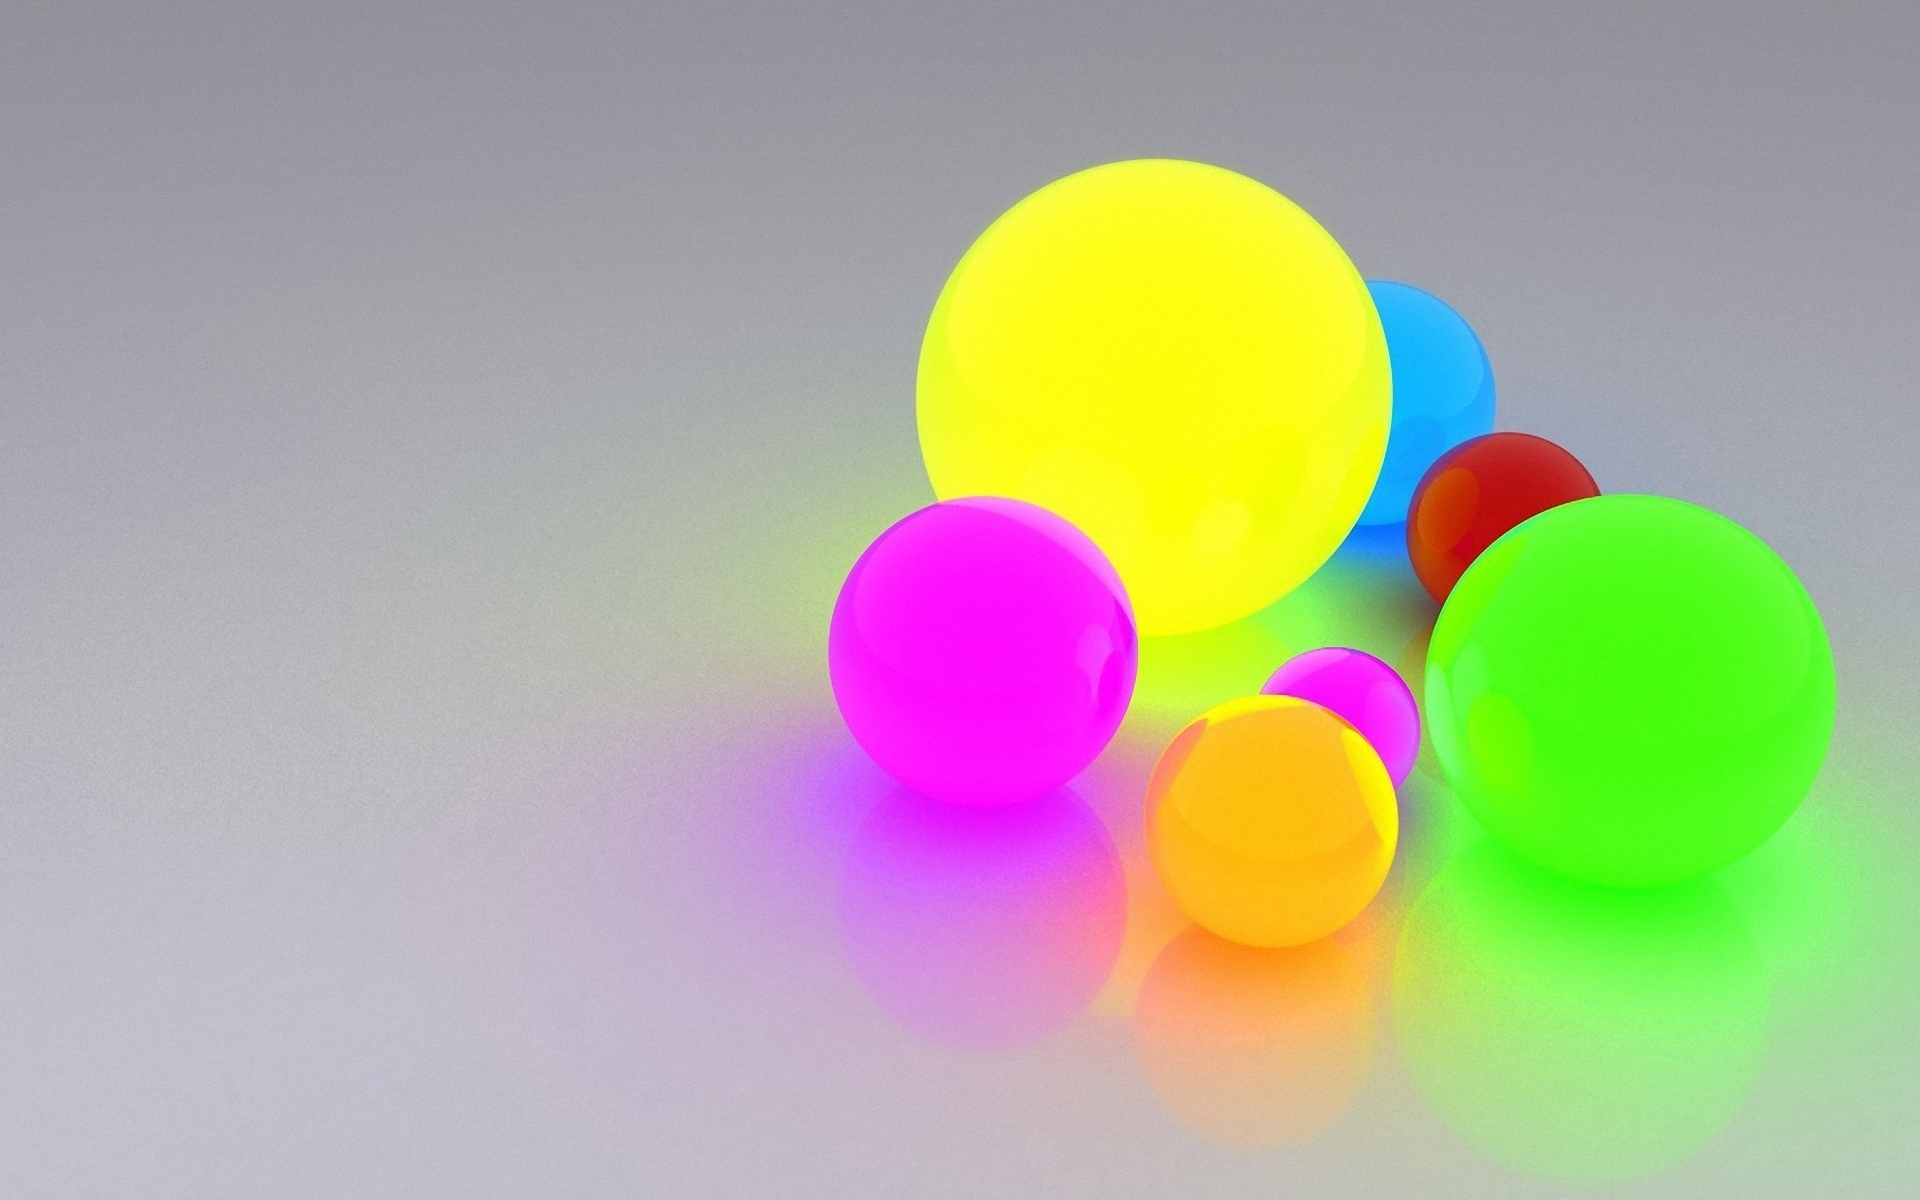 квадратные шары  № 2075023 без смс